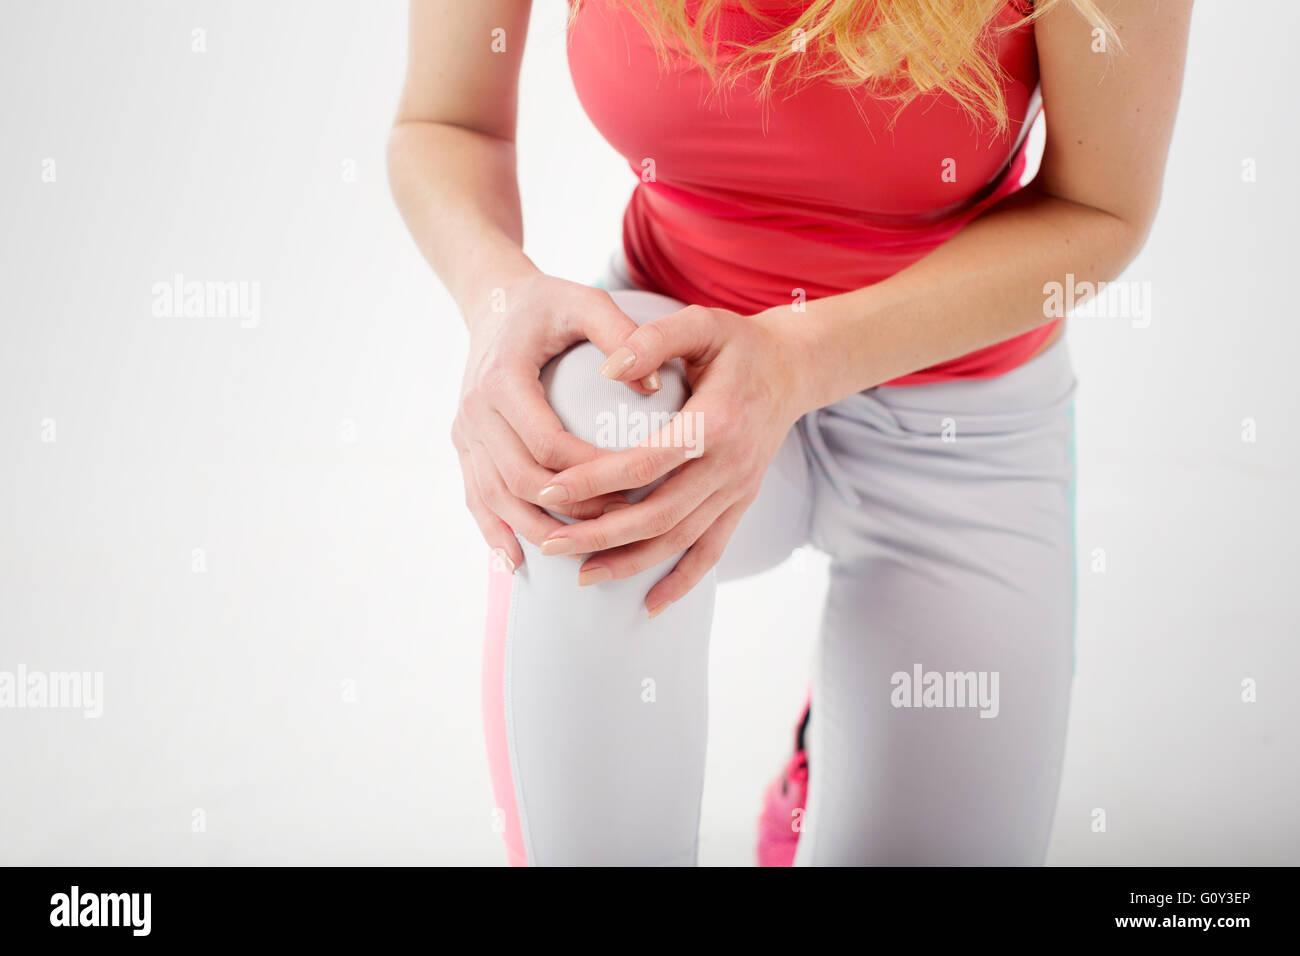 Nahaufnahme der Sportlerin in Fitnesskleidung holding Knie Schmerzen Stockfoto